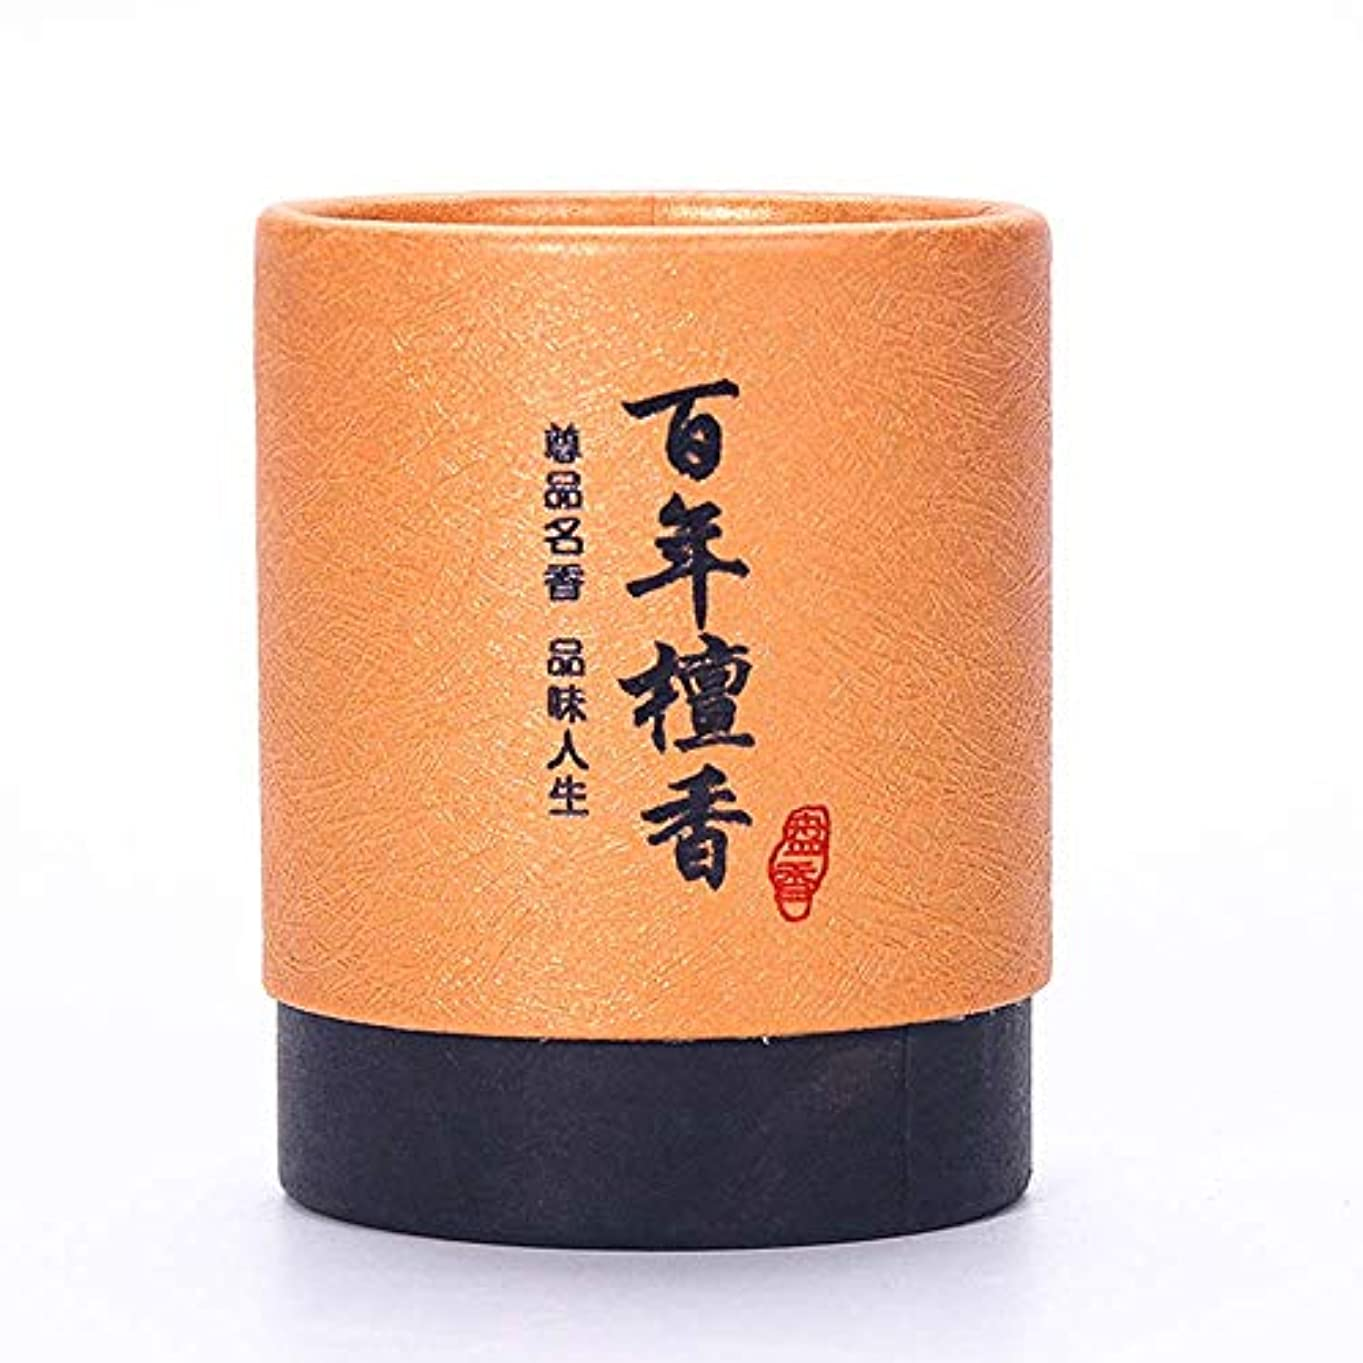 貢献する独創的息を切らしてHwaGui お香 2時間 盤香 渦巻き線香 優しい香り 48巻入 (百年檀香)